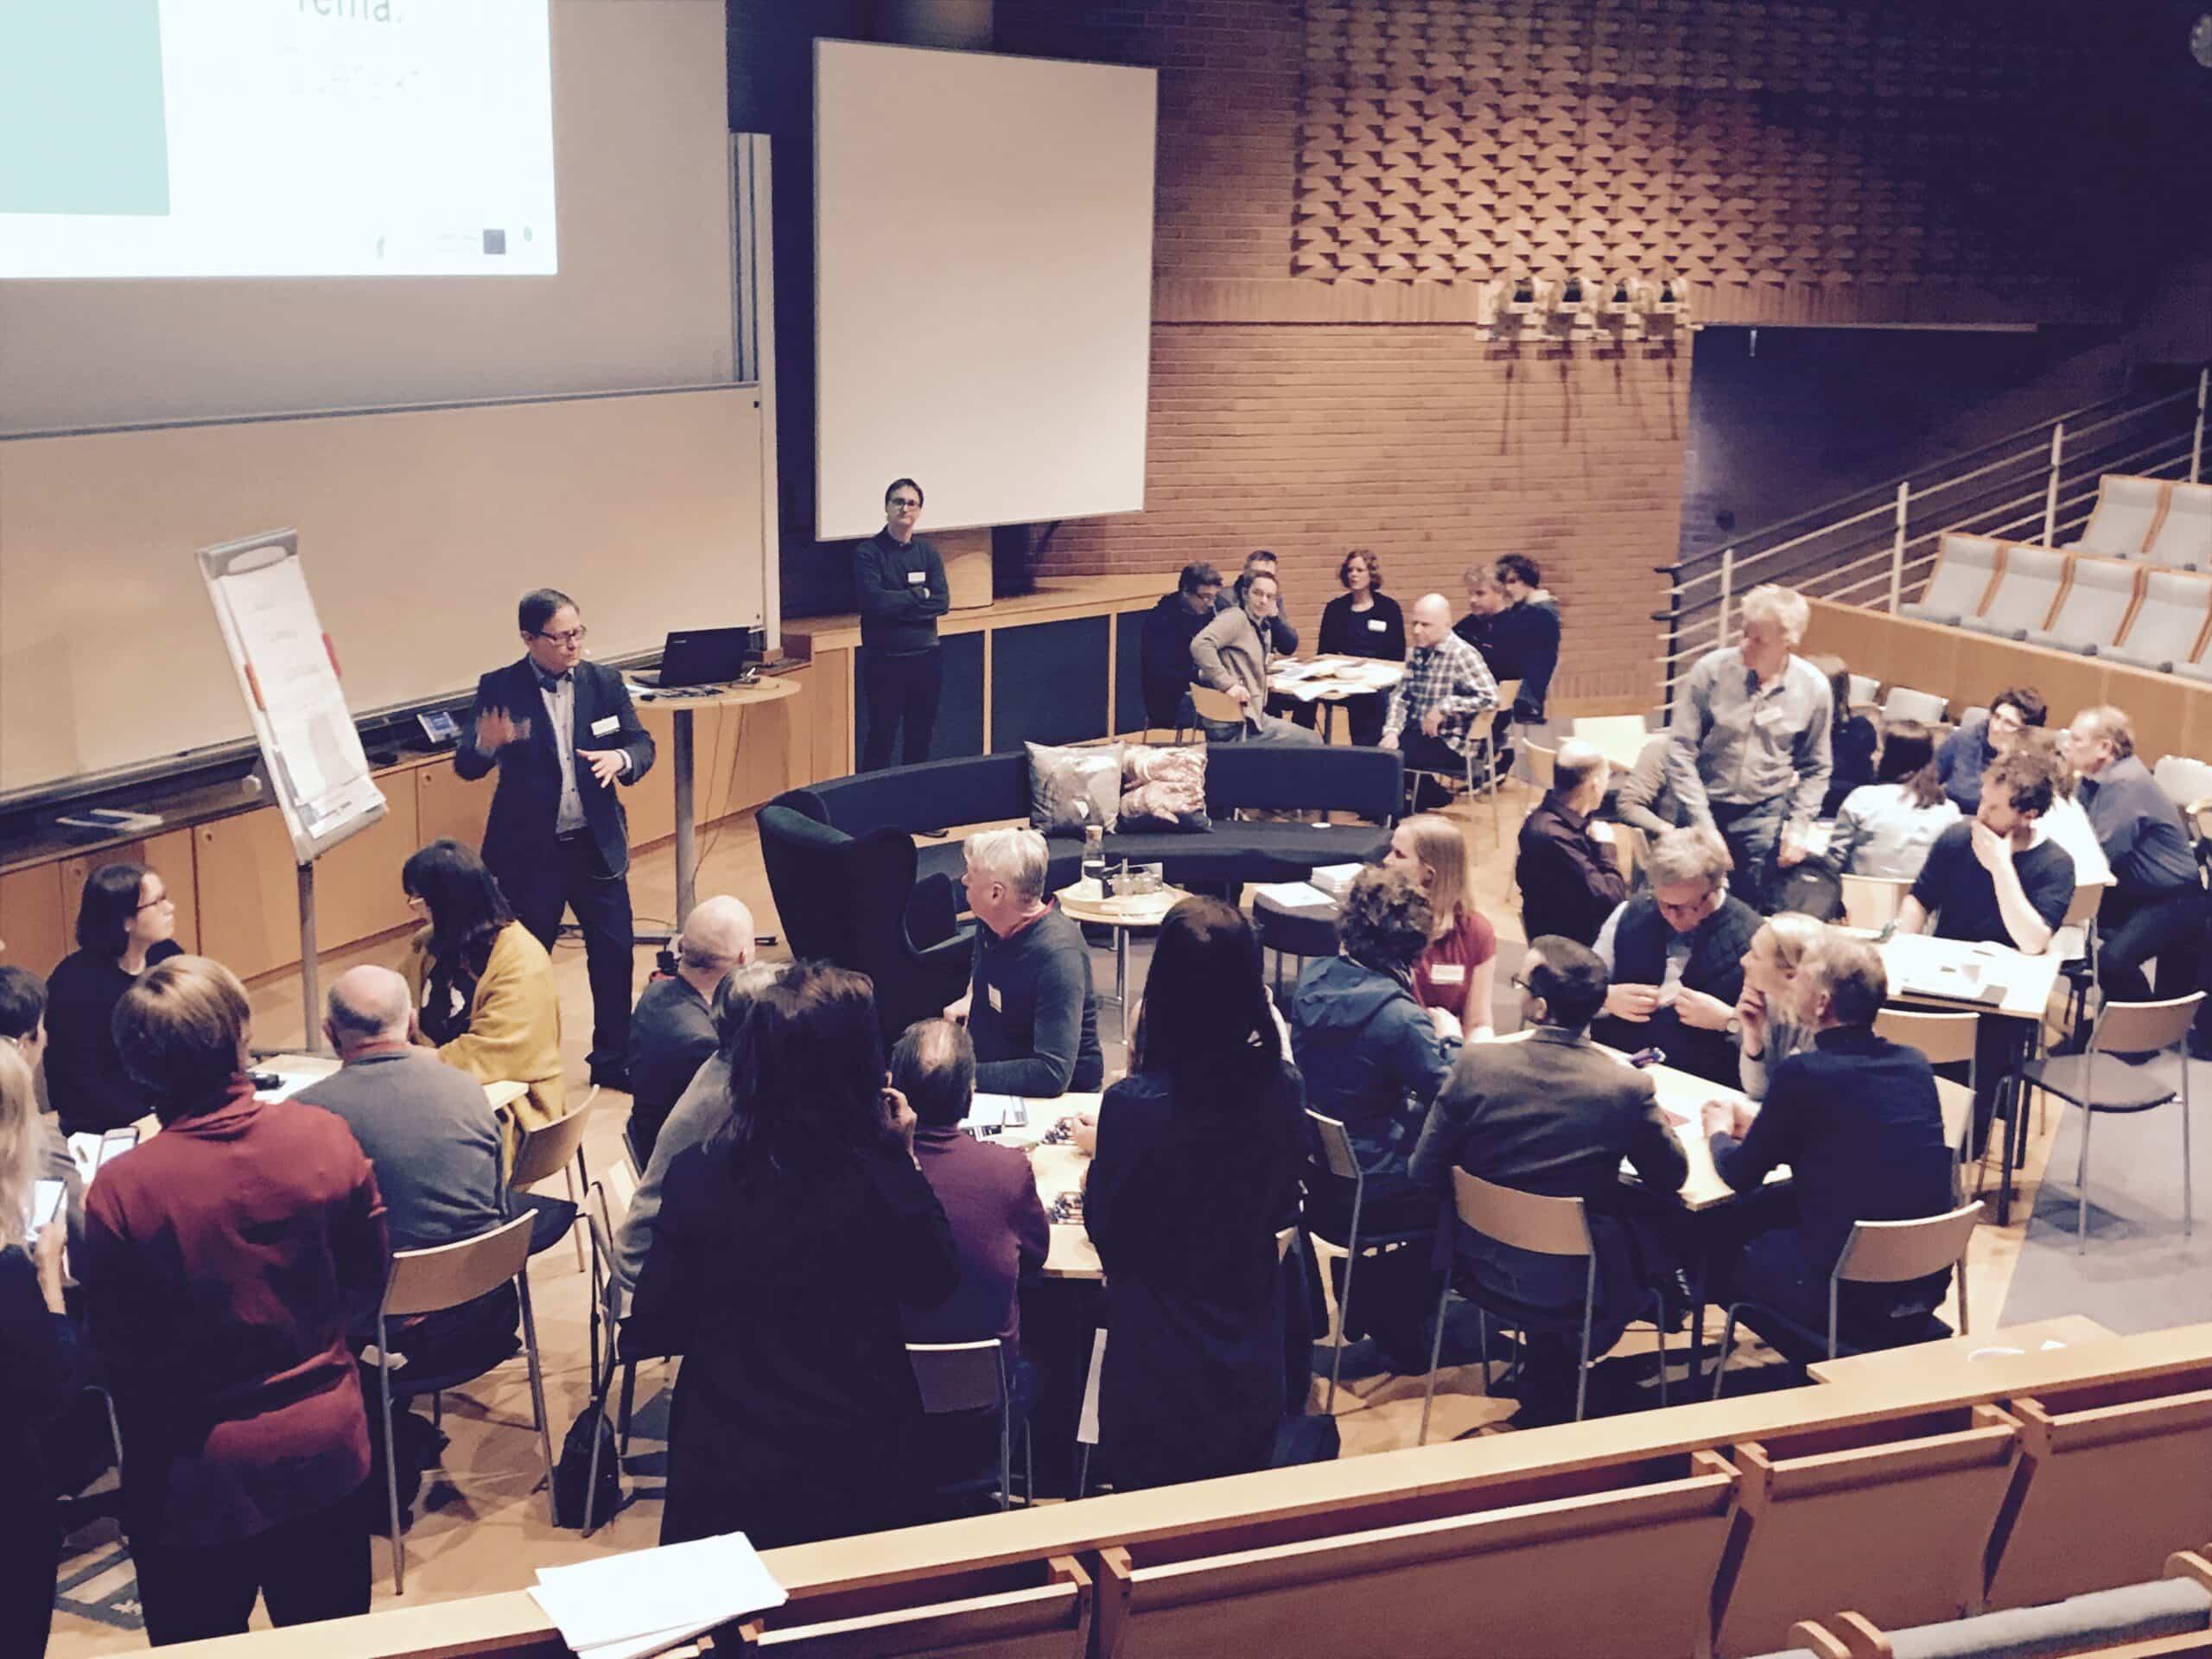 Välbesökt workshop inom Cirkulär ekonomi arrangerad i äkta ecoINSIDE-anda